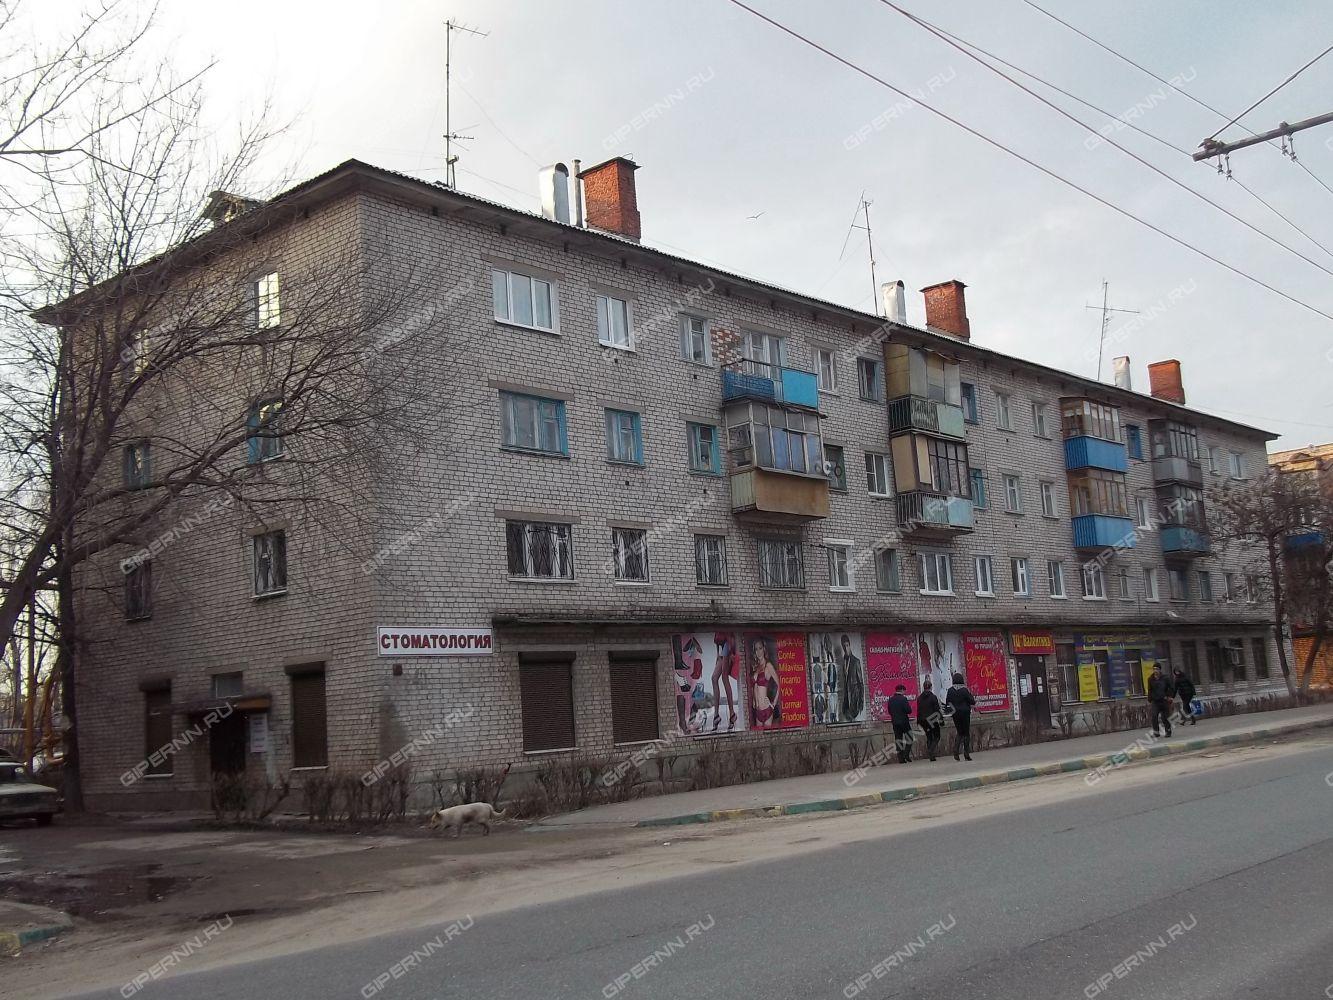 Недвижимость - фото недвижимость, объявления, продажа